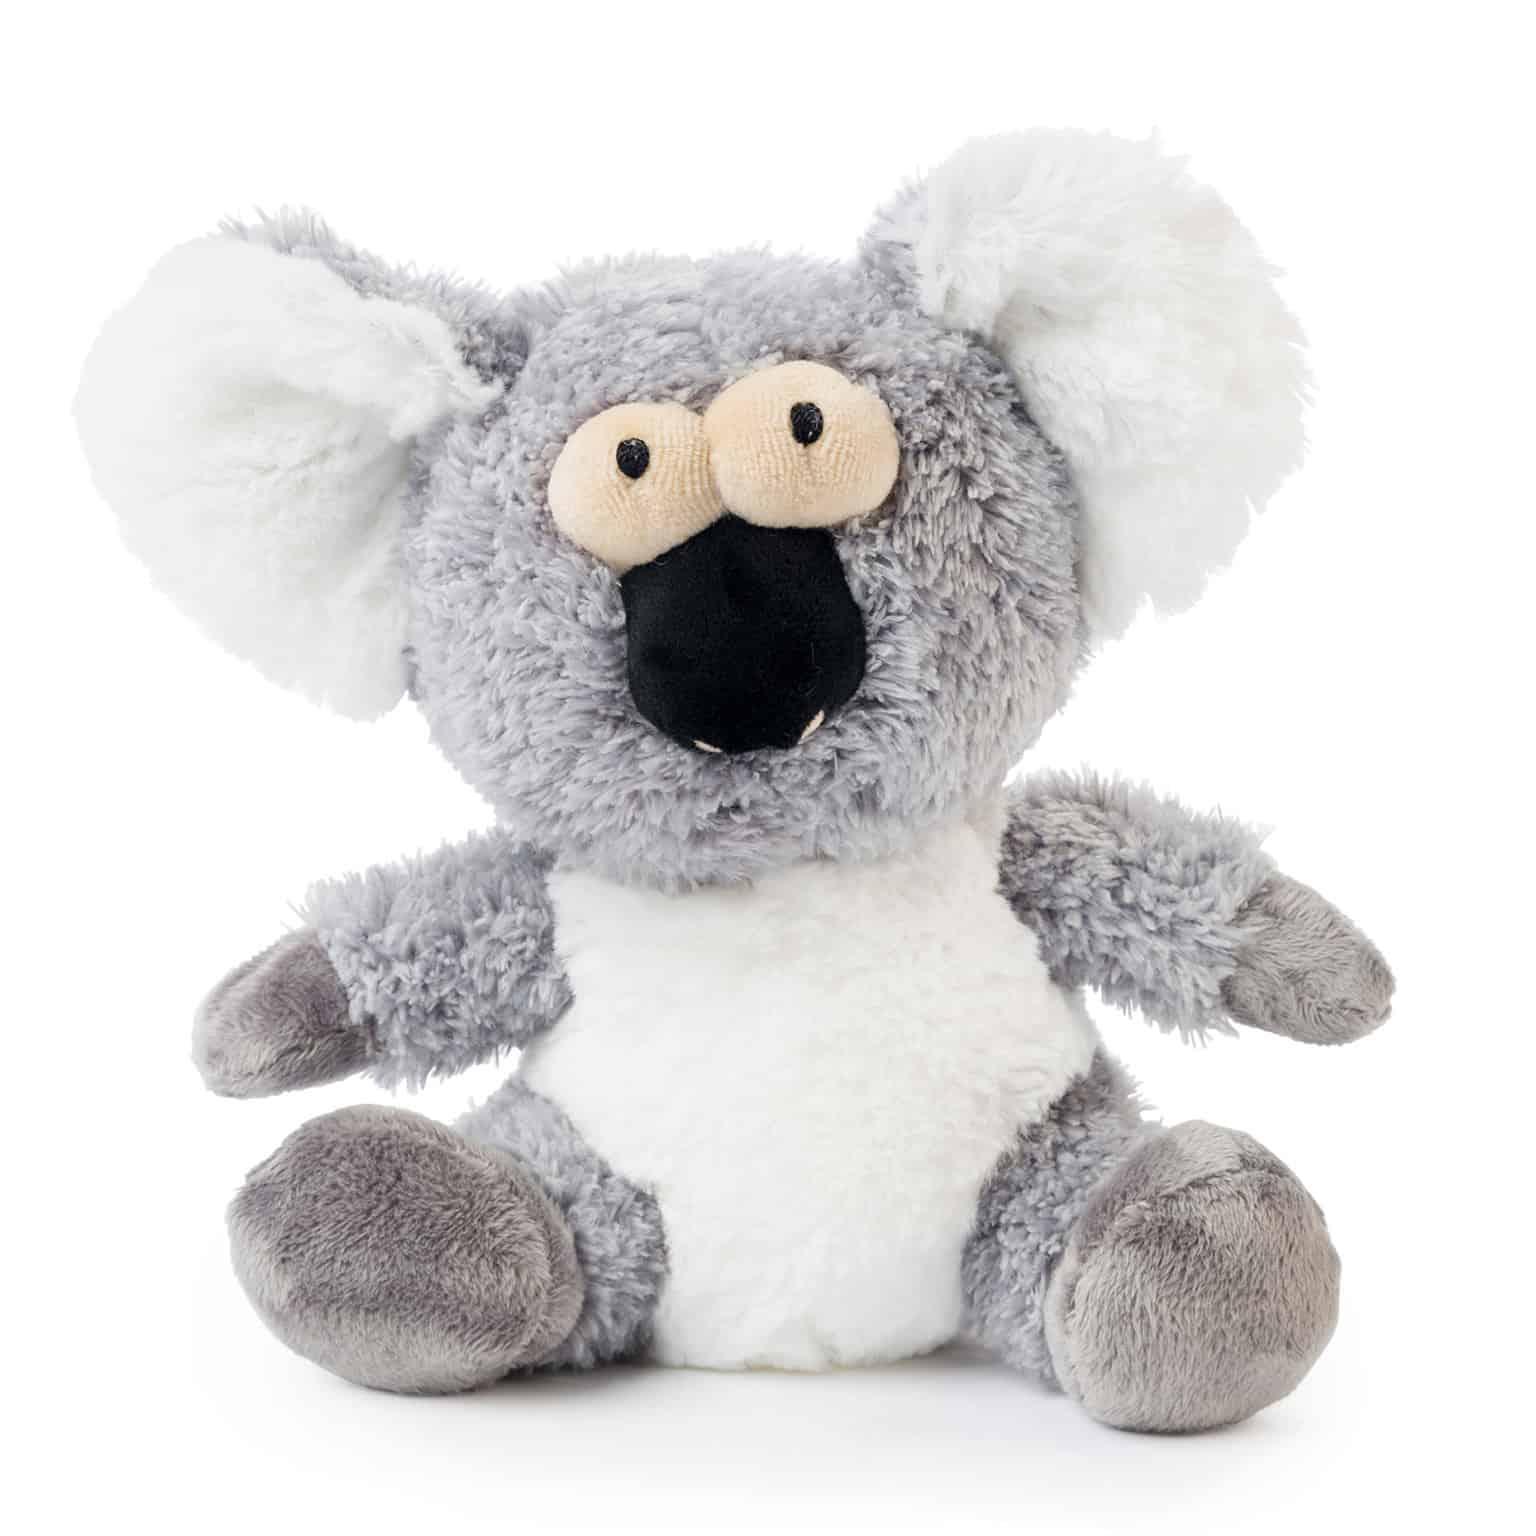 Fuzzyard Neighbourhood Nasties - Kana the Koala